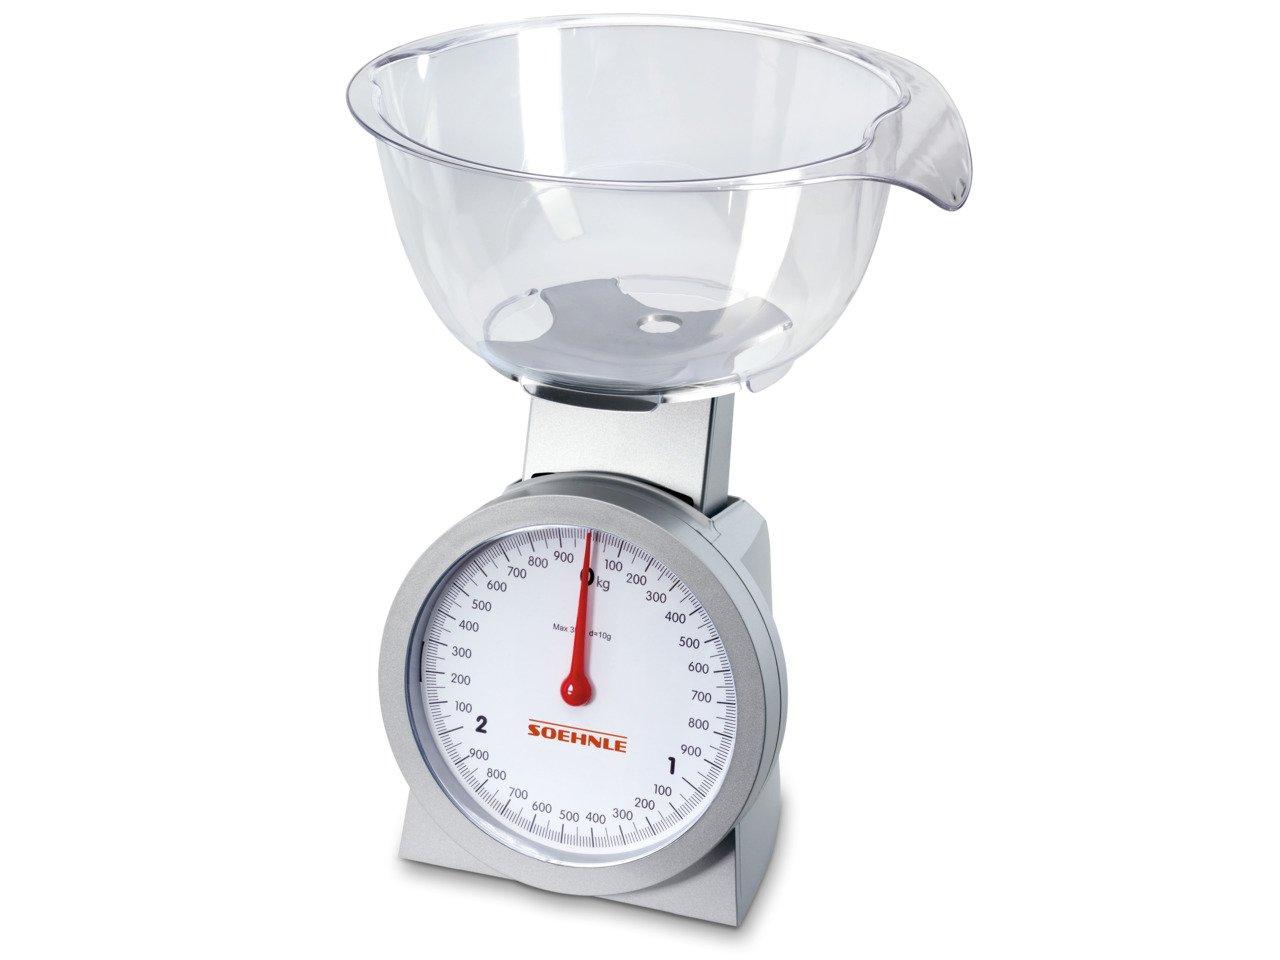 Soehnle 65041 Analoge Küchenwaage Actuell silber/glasklar: Amazon.de ...